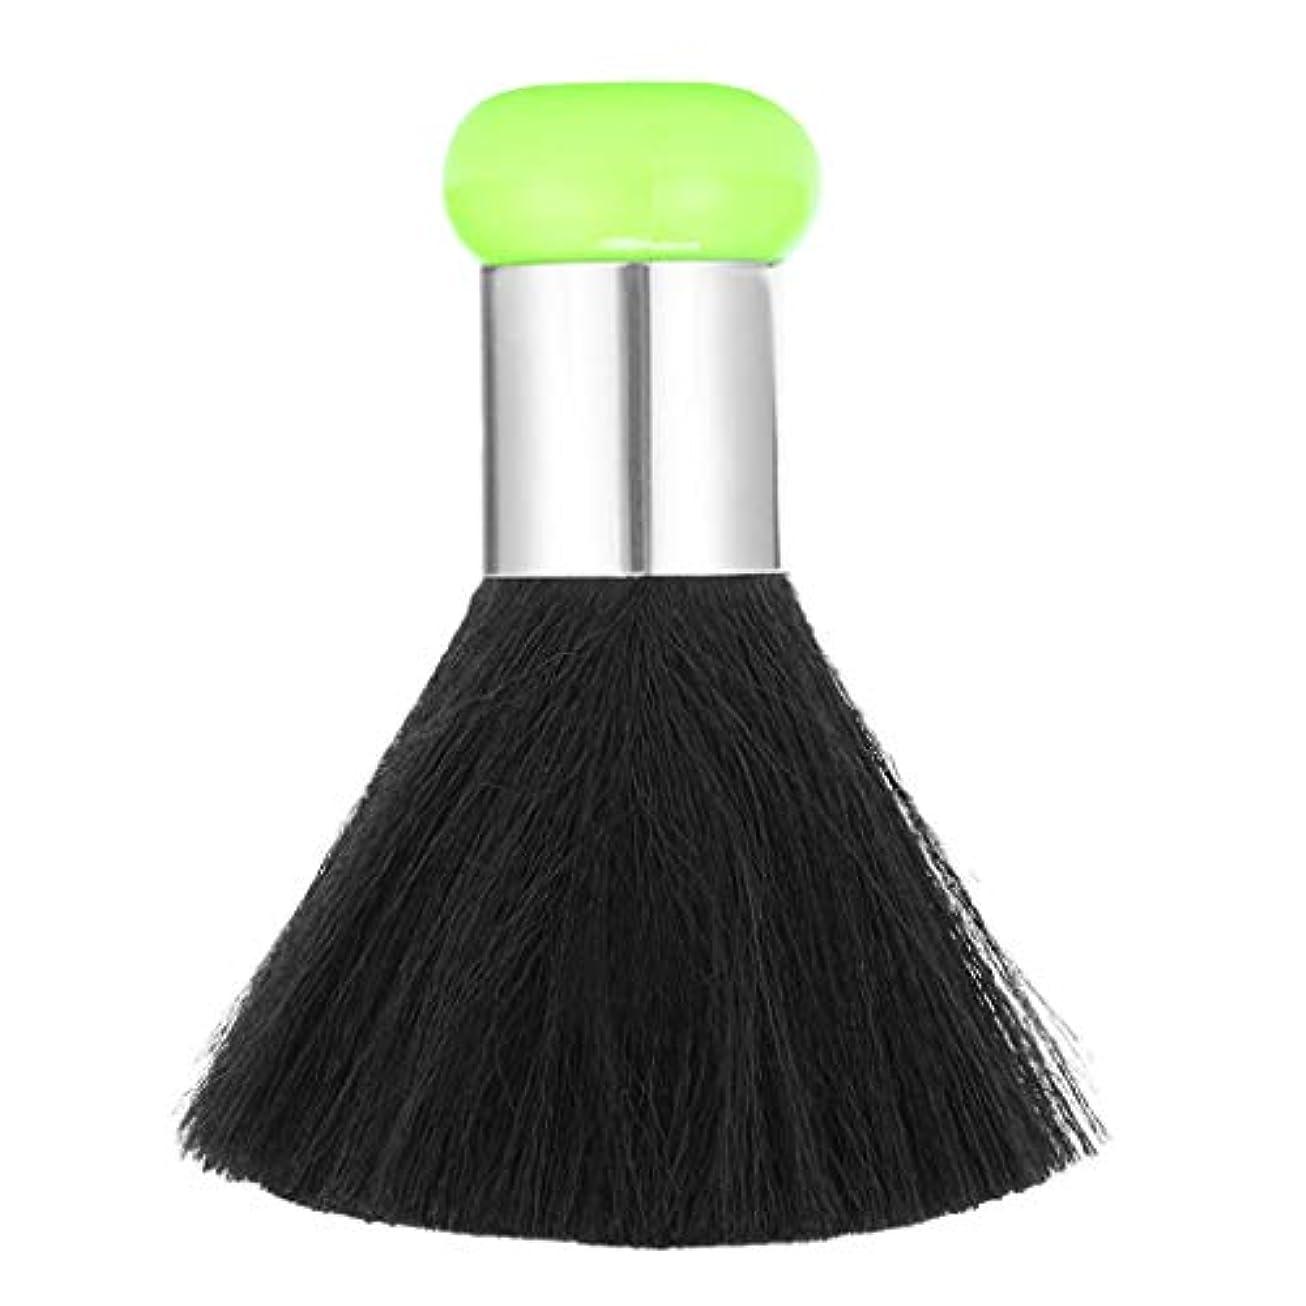 ペデスタル親指当社ネックダスターブラシ ヘアカット 快適 美容師向け サロン 2色選べ - 緑